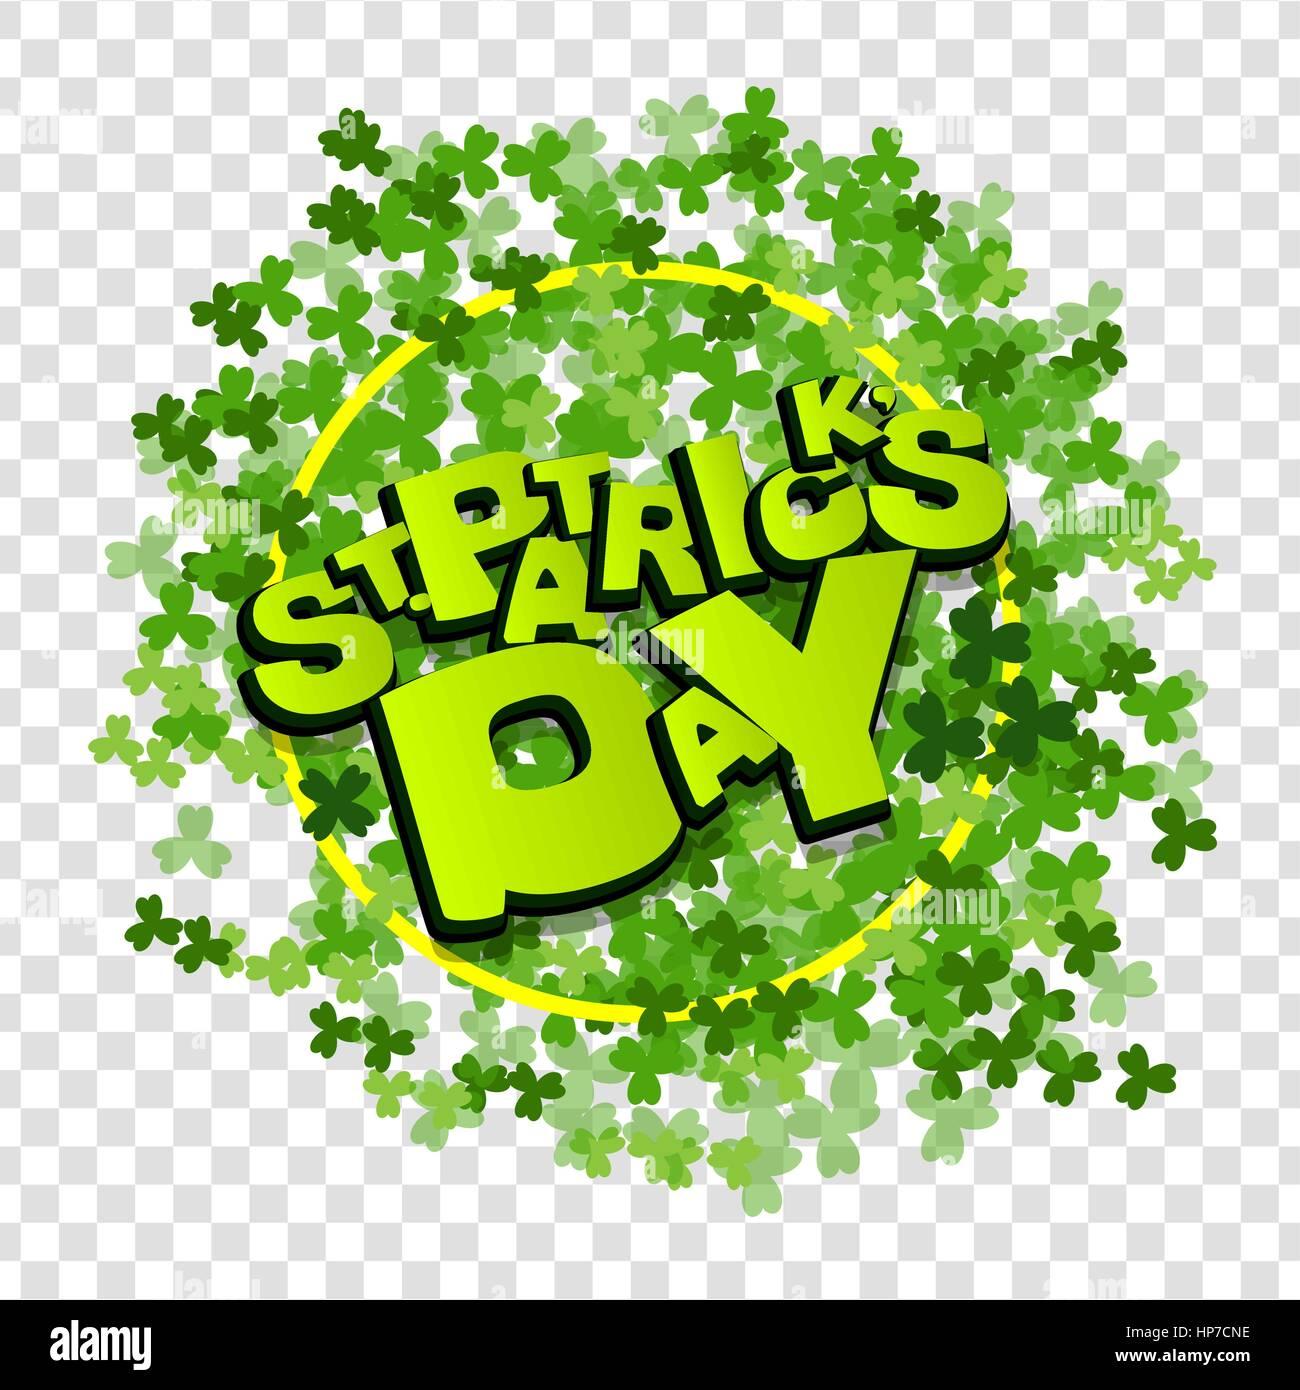 Comic speech phrase  Comic text sound effects  Green clover